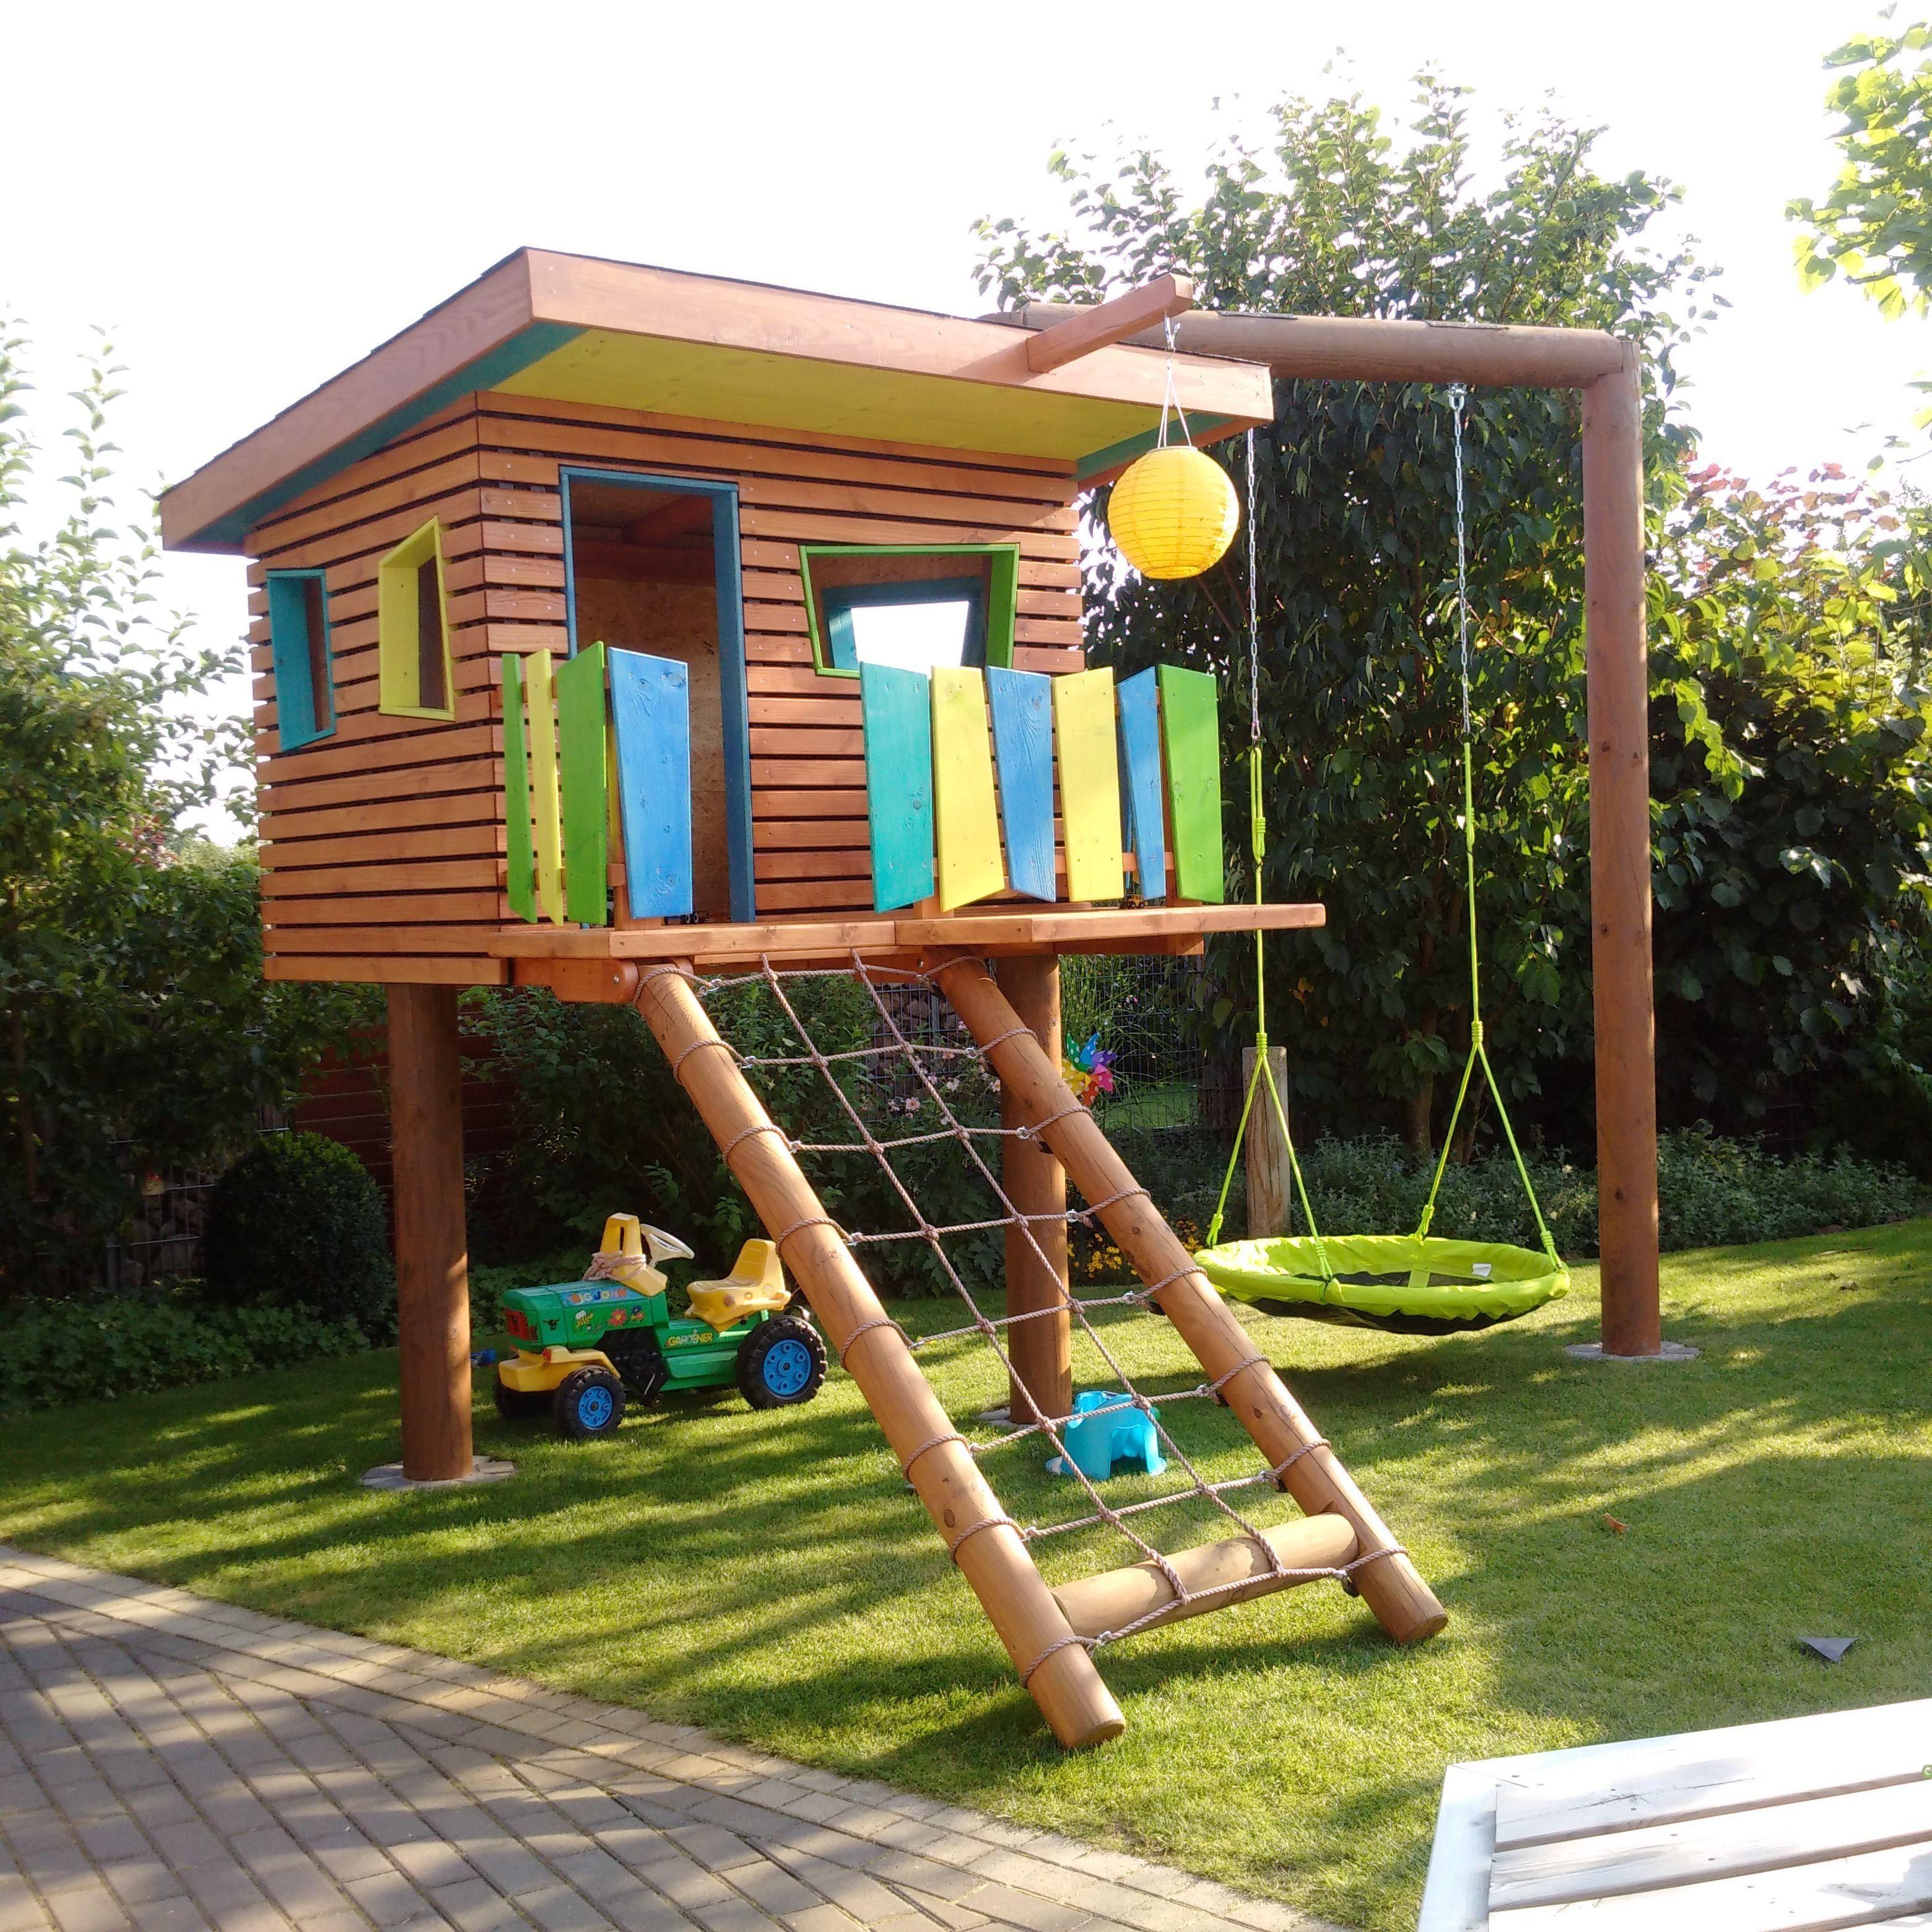 Best Of Spielturm Mit Schaukel Und Rutsche Selber Bauen Diy Playground Backyard For Kids Backyard Playground